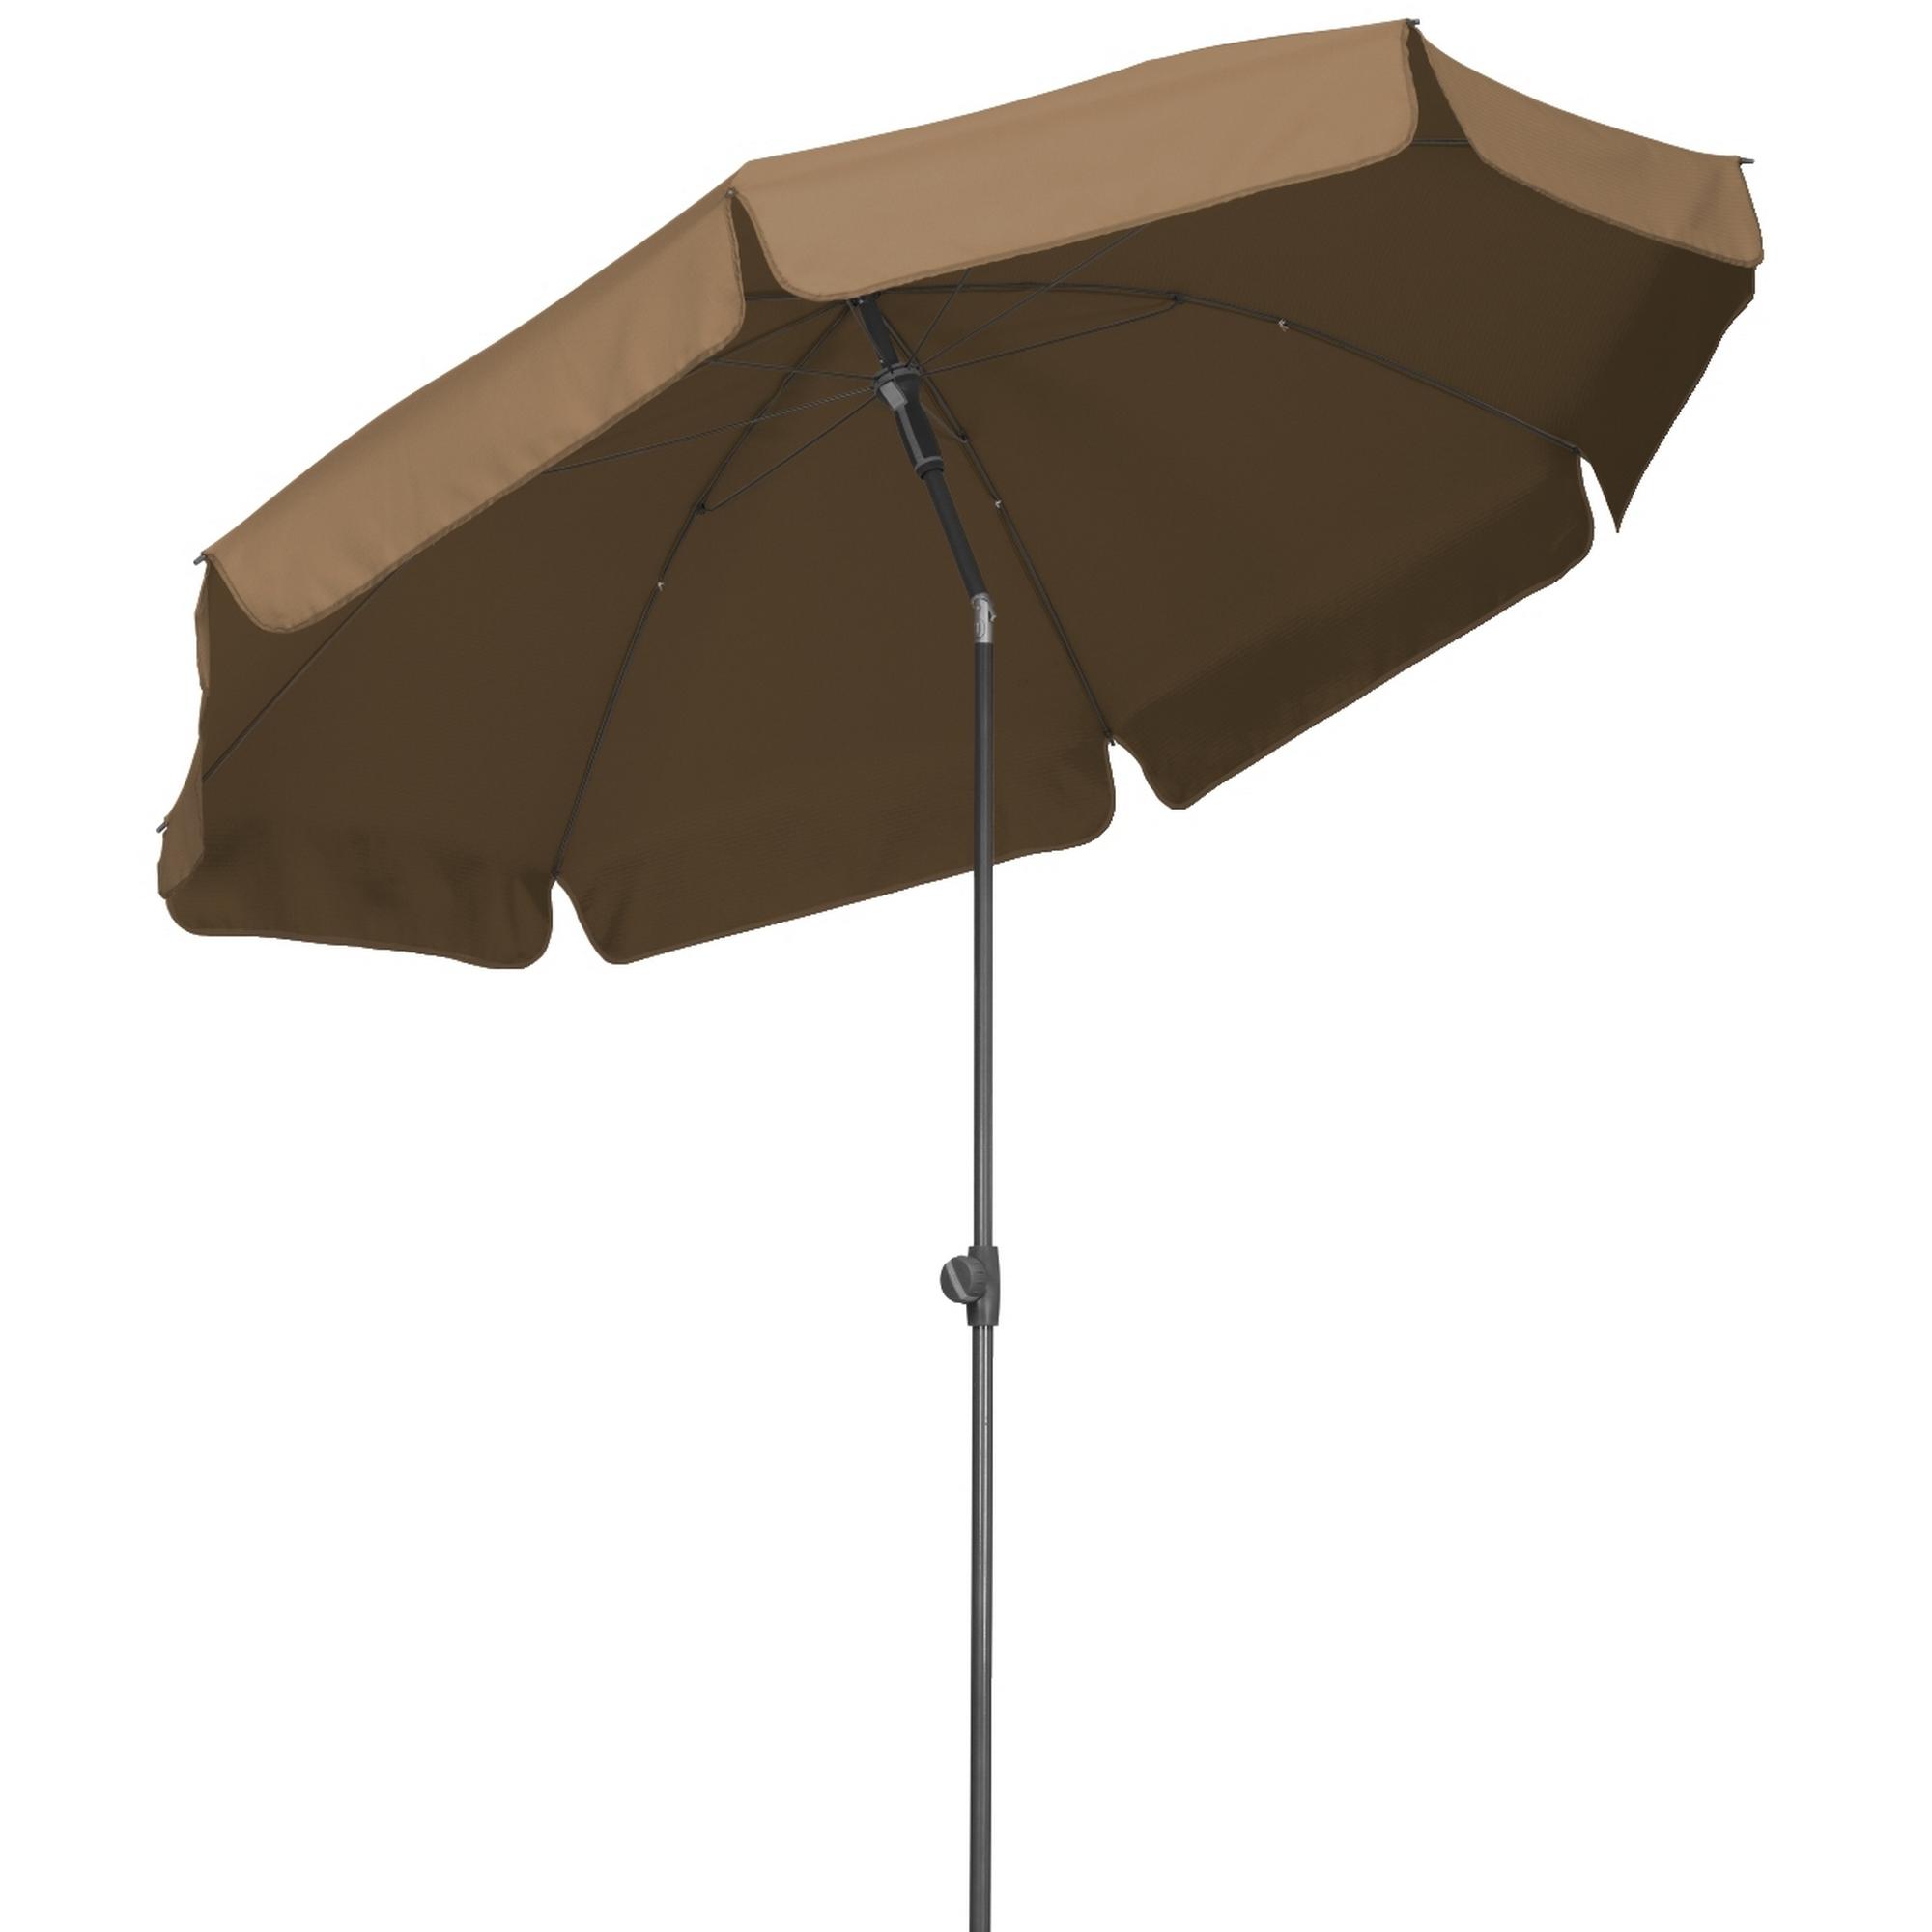 Schneider Schirme Sonnenschirm AQUILA, Ø 250 cm, mocca